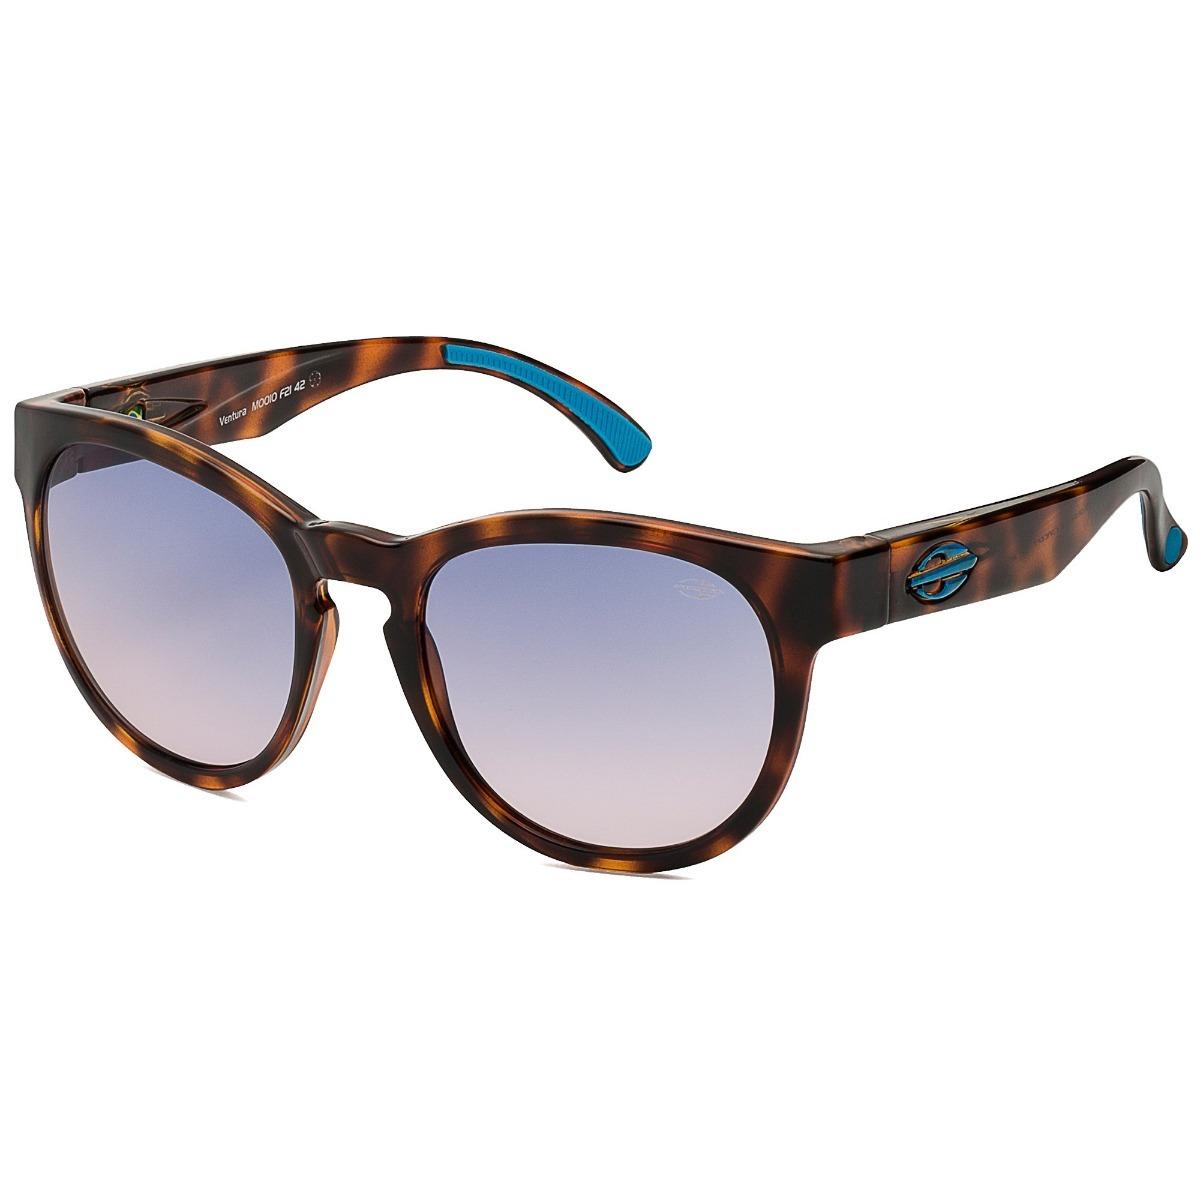 Óculos De Sol Mormaii Ventura M0010f2142 - R  189,00 em Mercado Livre bae3da812f